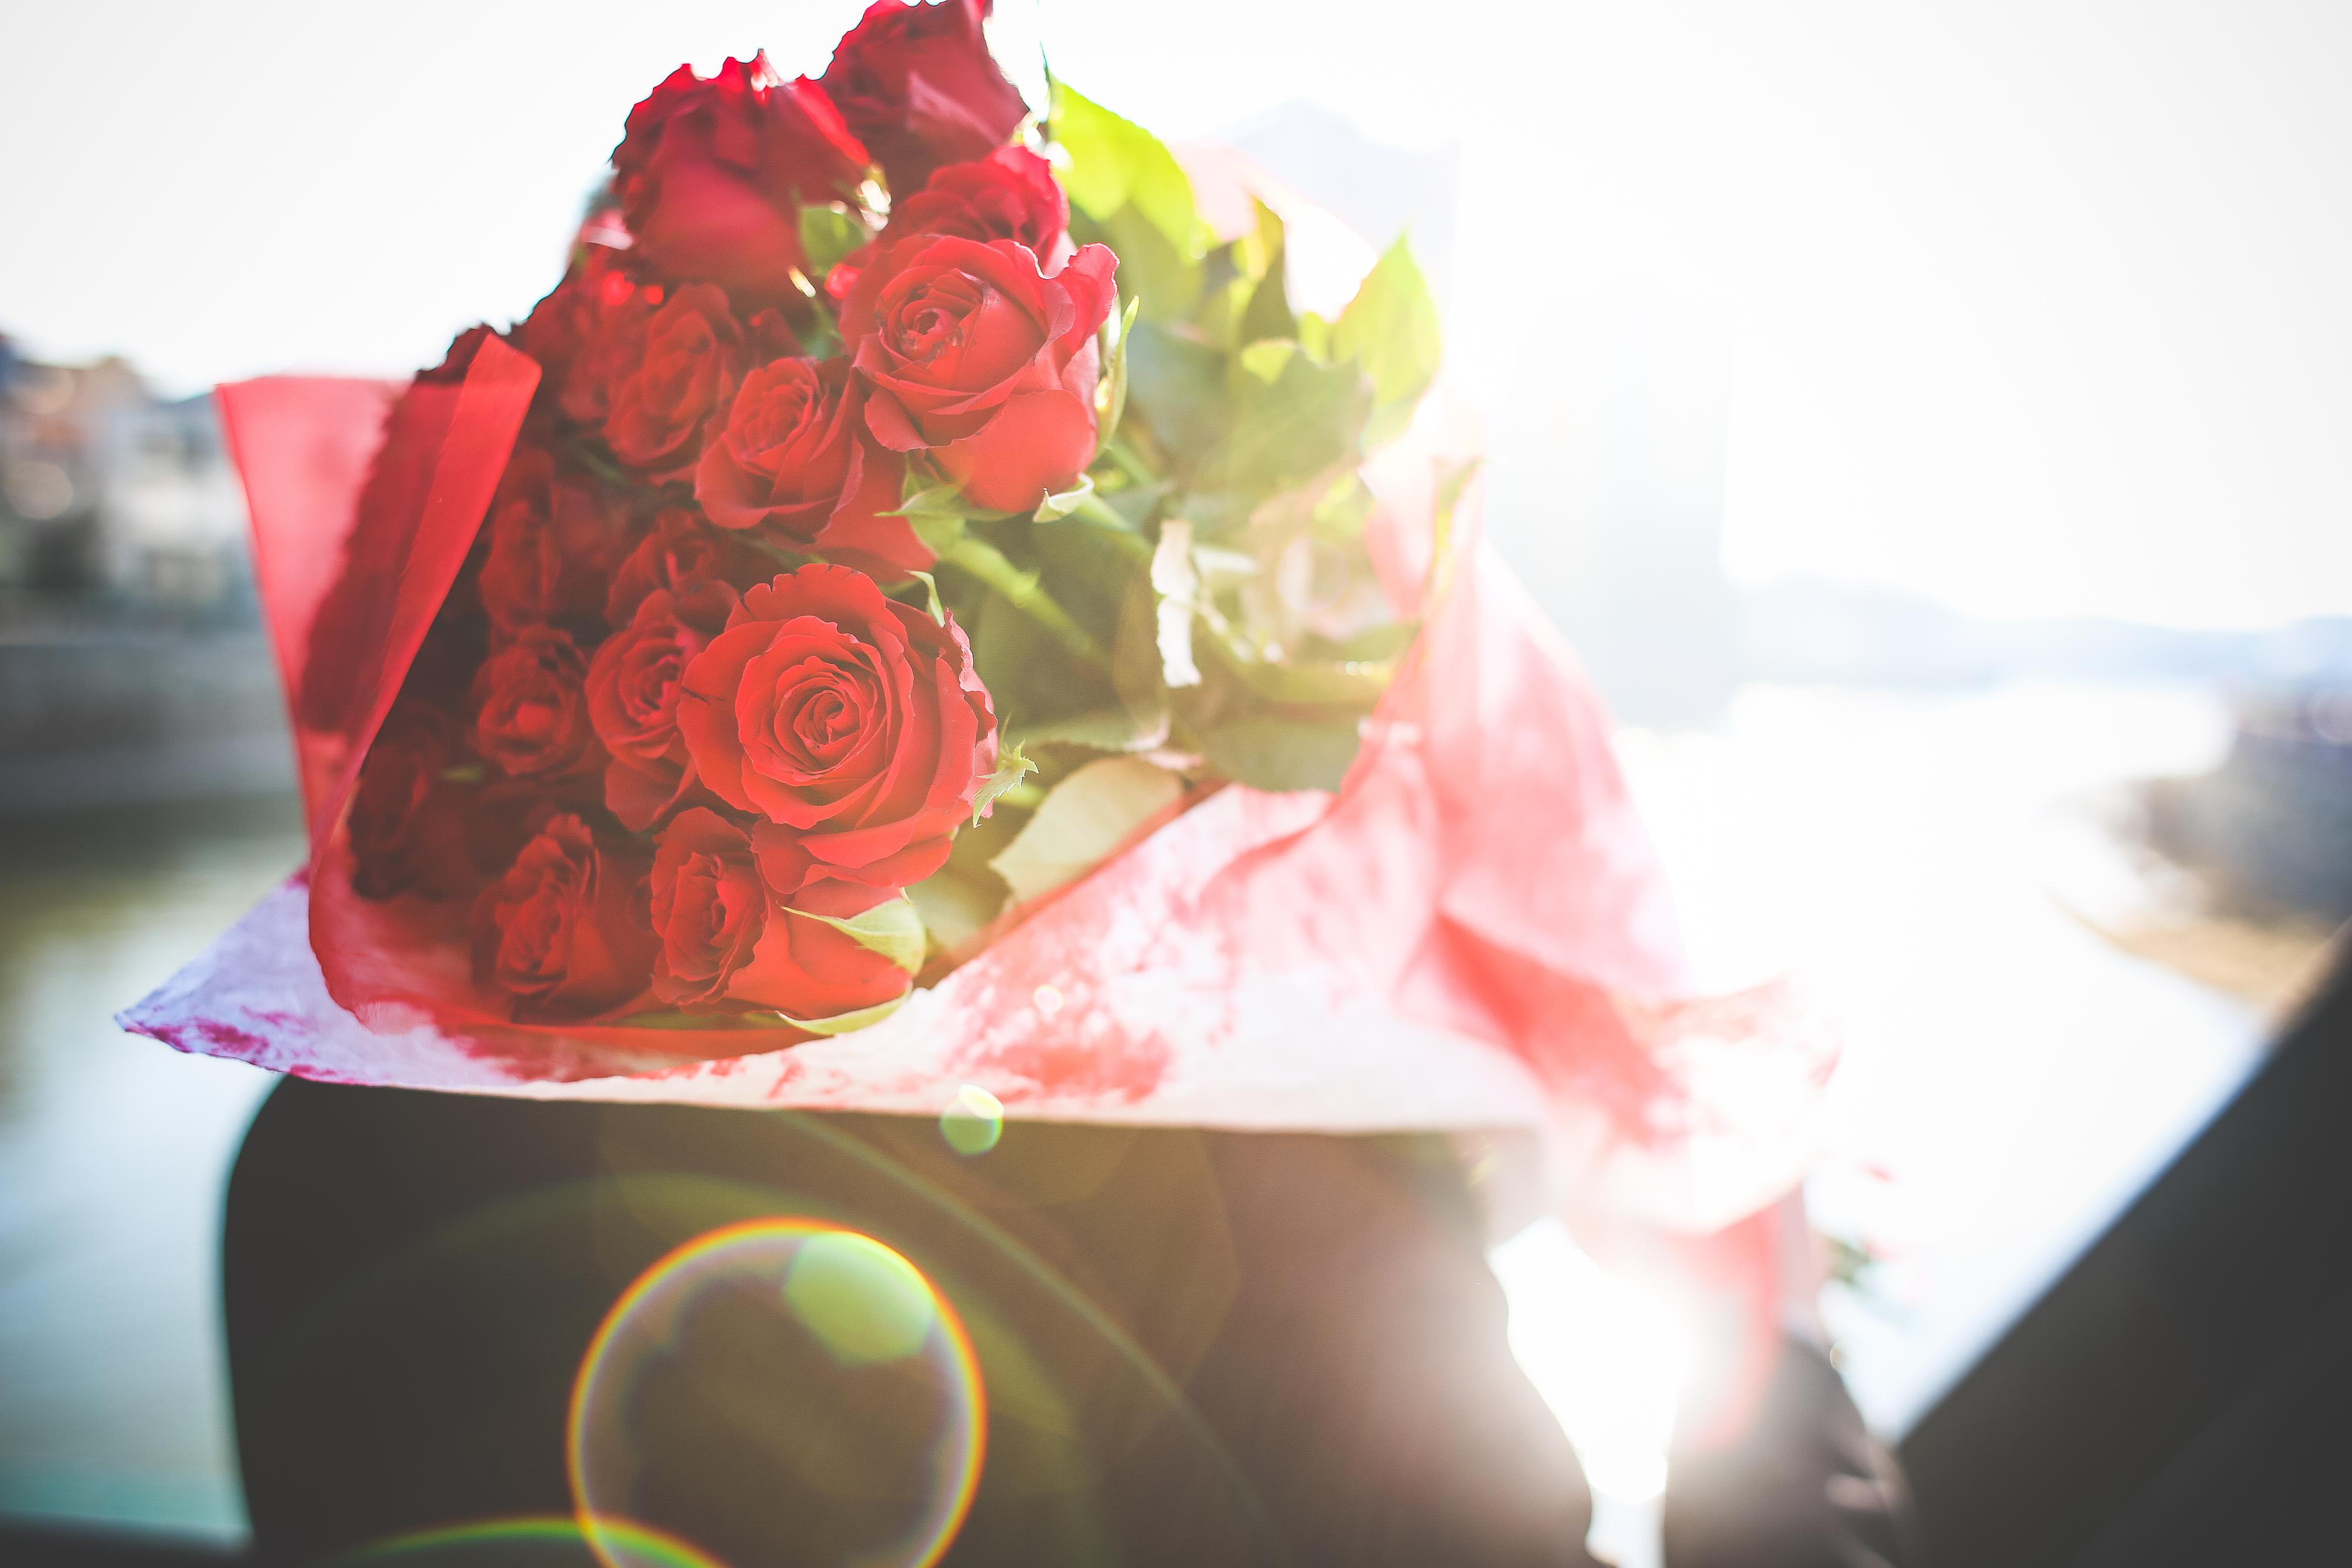 bouquet-of-roses-in-sunbeams-picjumbo-com